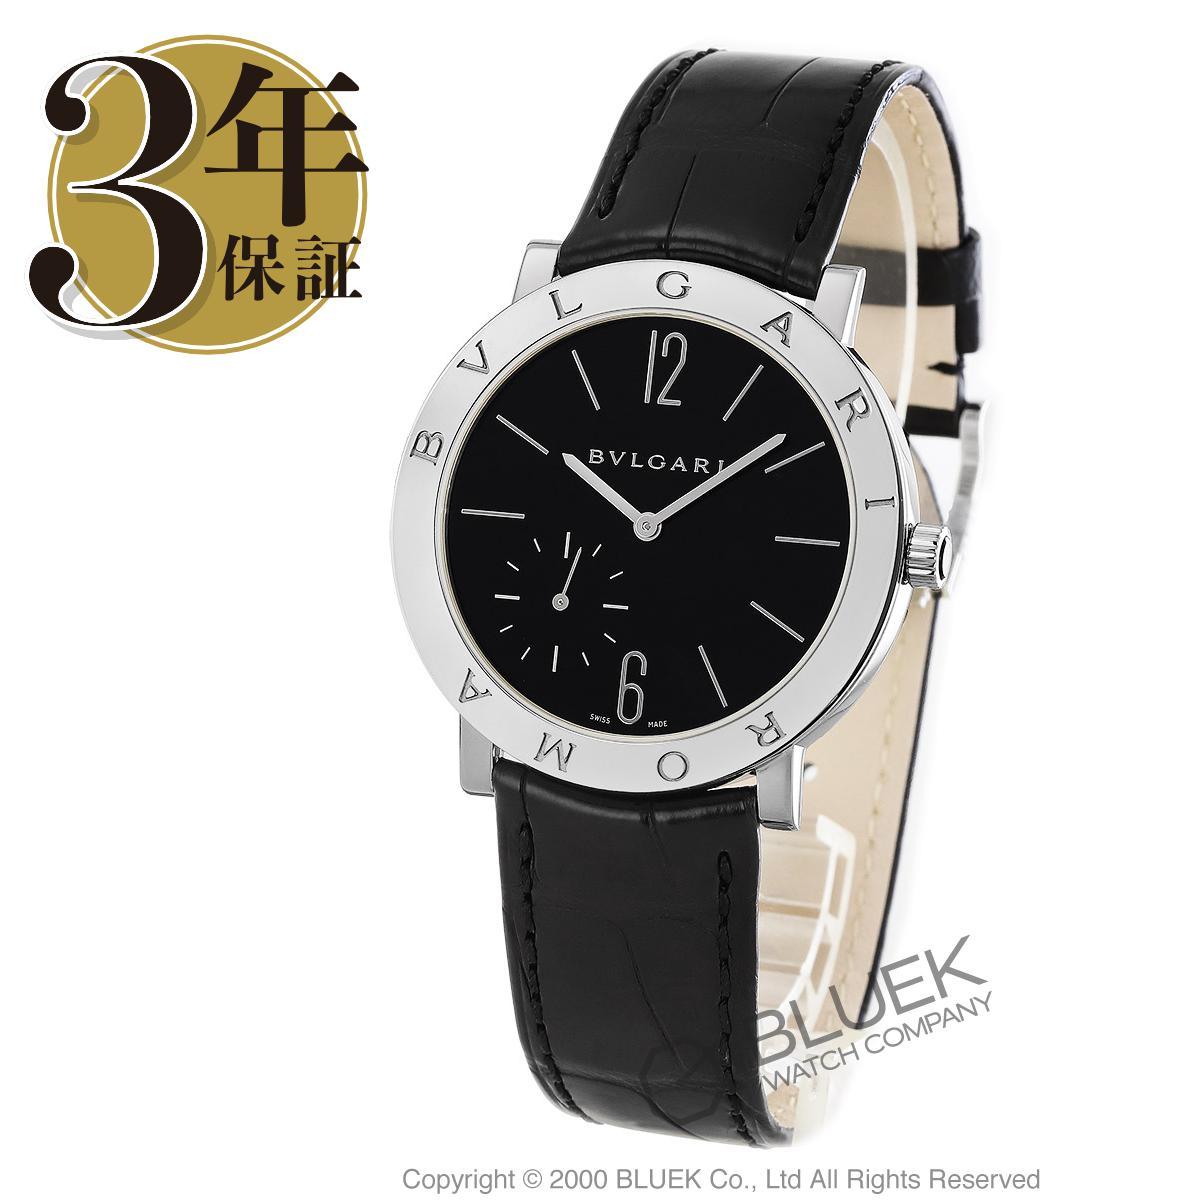 ブルガリ ブルガリローマ フィニッシモ パワーリザーブ アリゲーターレザー 腕時計 メンズ BVLGARI BB41BSLXT_3